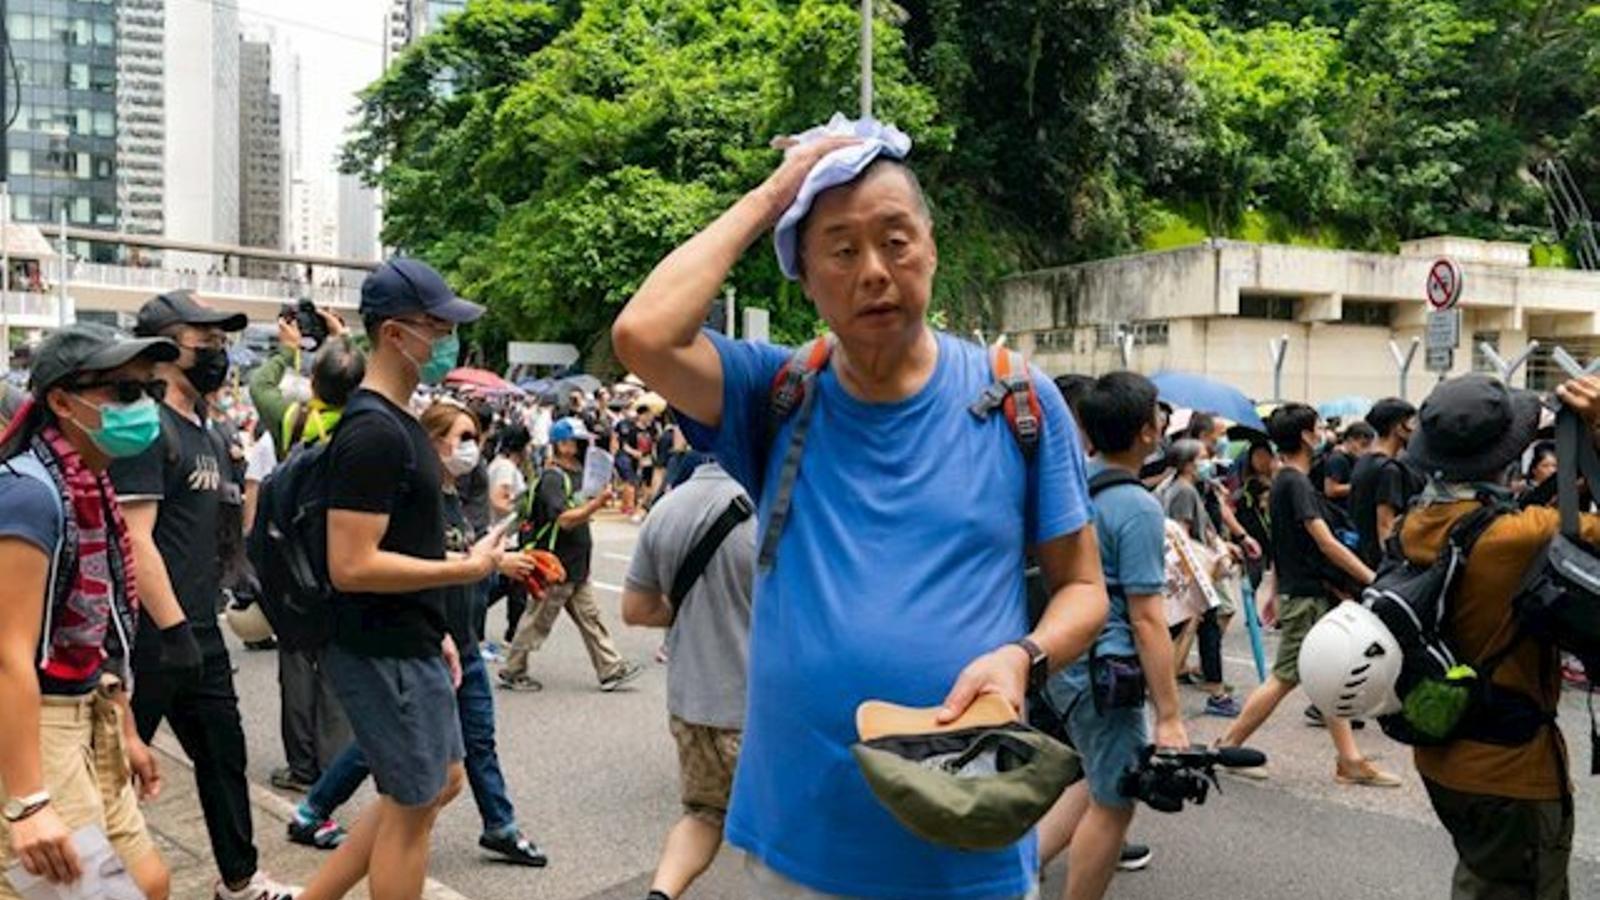 El magnat i líder opositor Jimmy Lai en una protesta a Hong Kong.